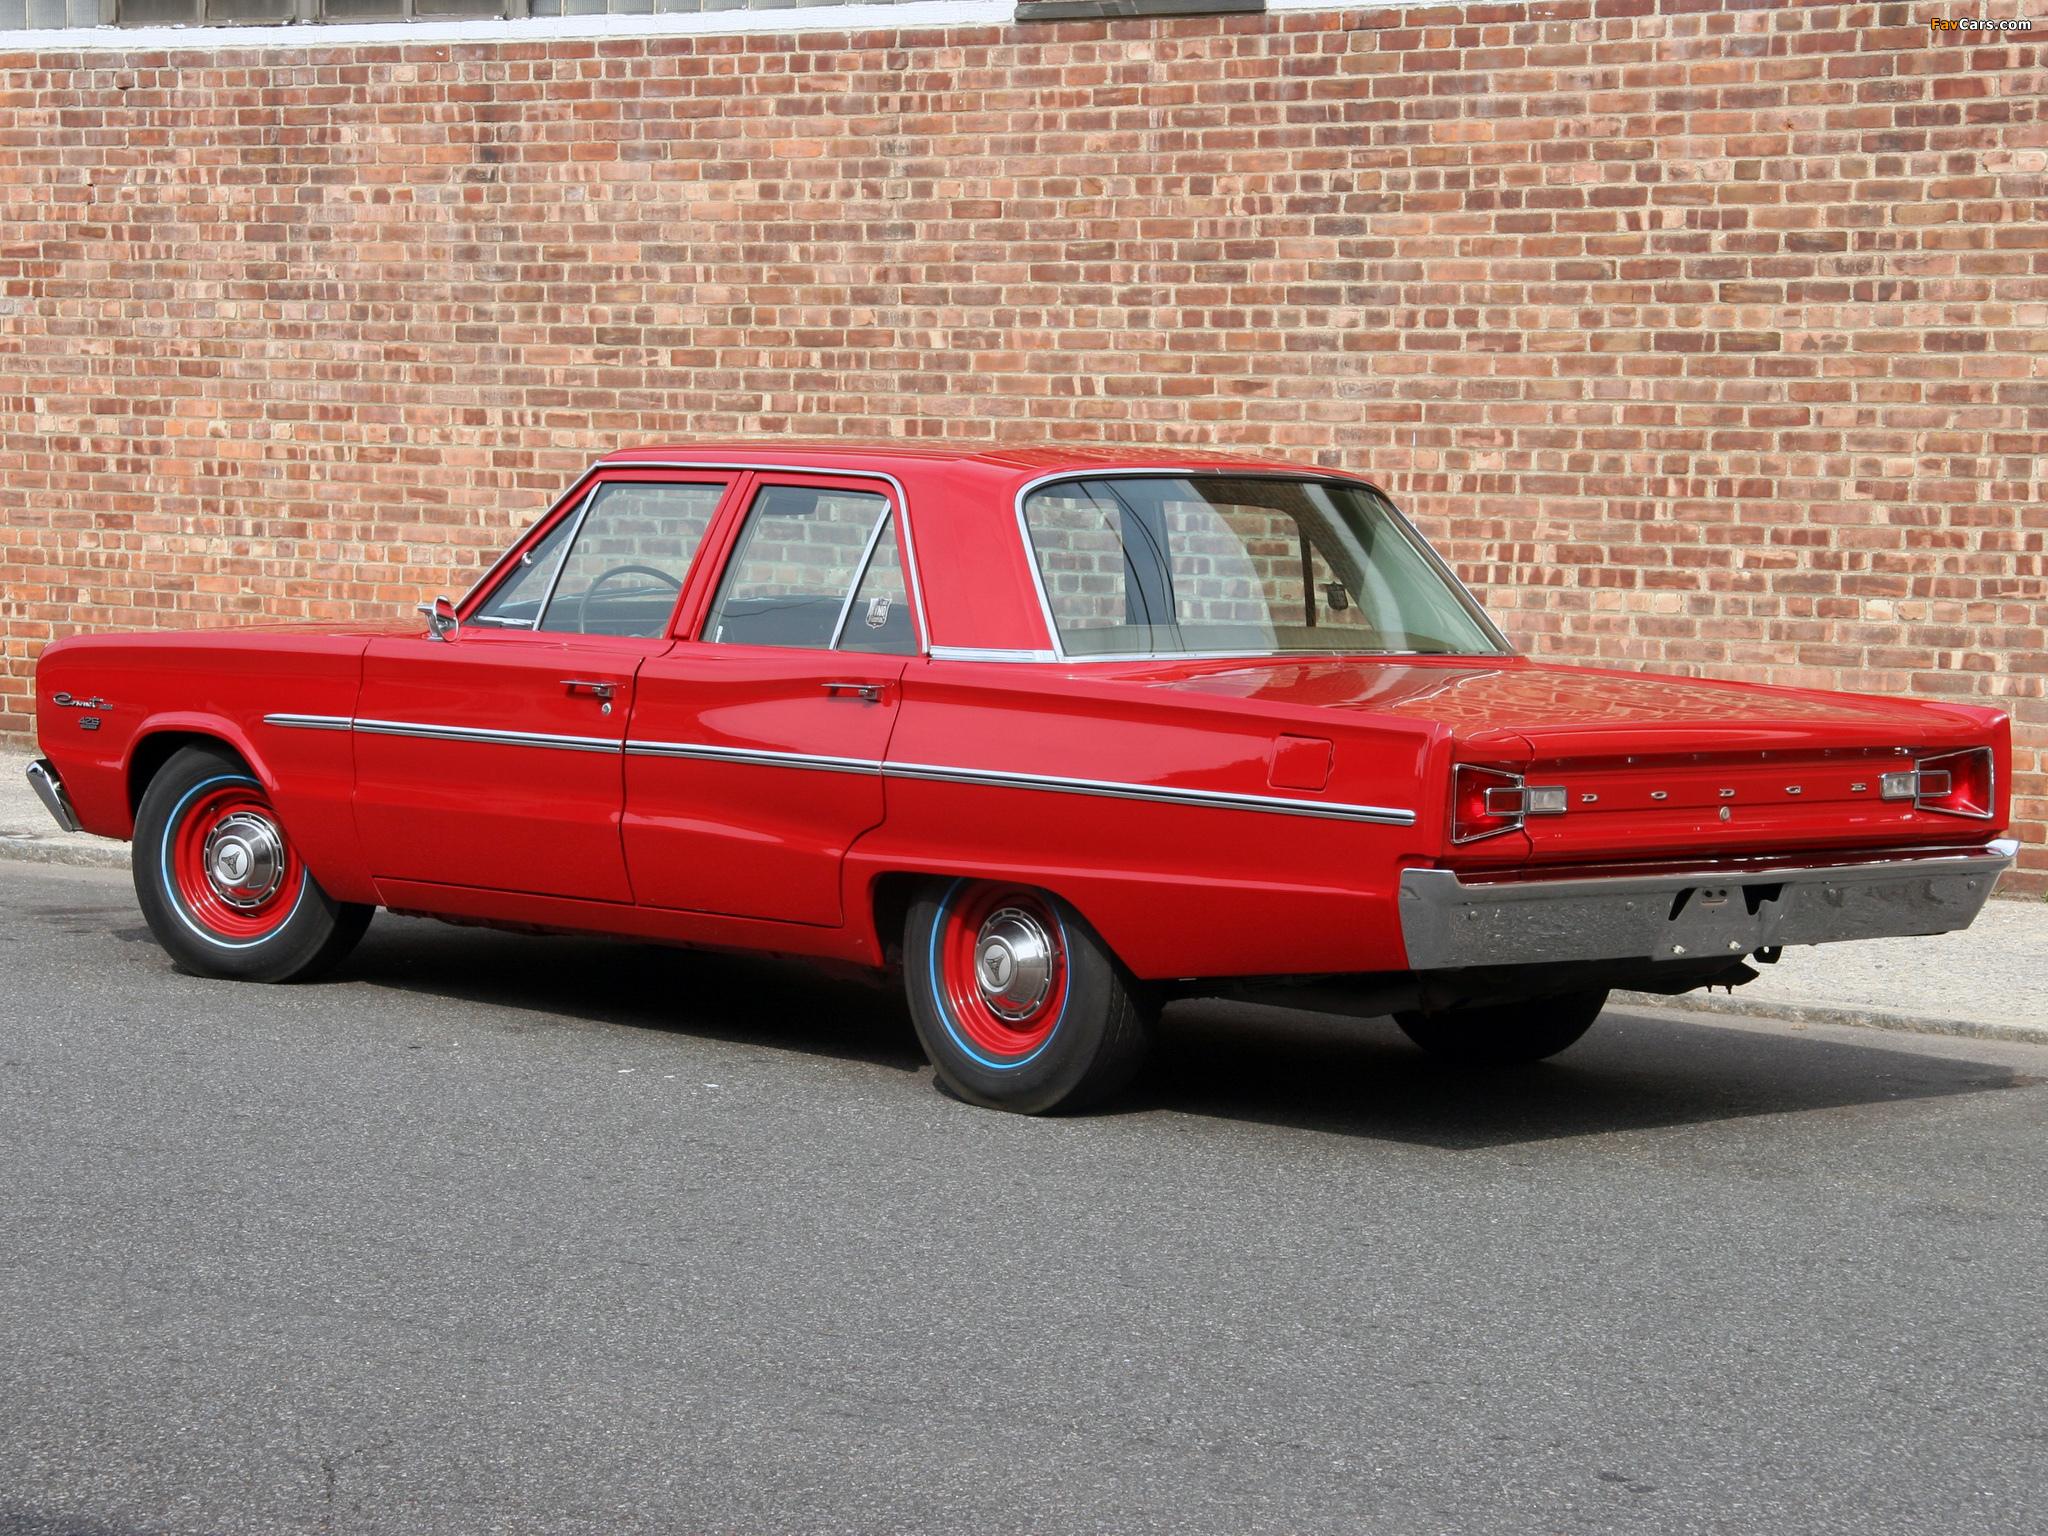 Dodge Coronet Deluxe 426 Hemi 4-door Sedan 1966 images (2048 x 1536)